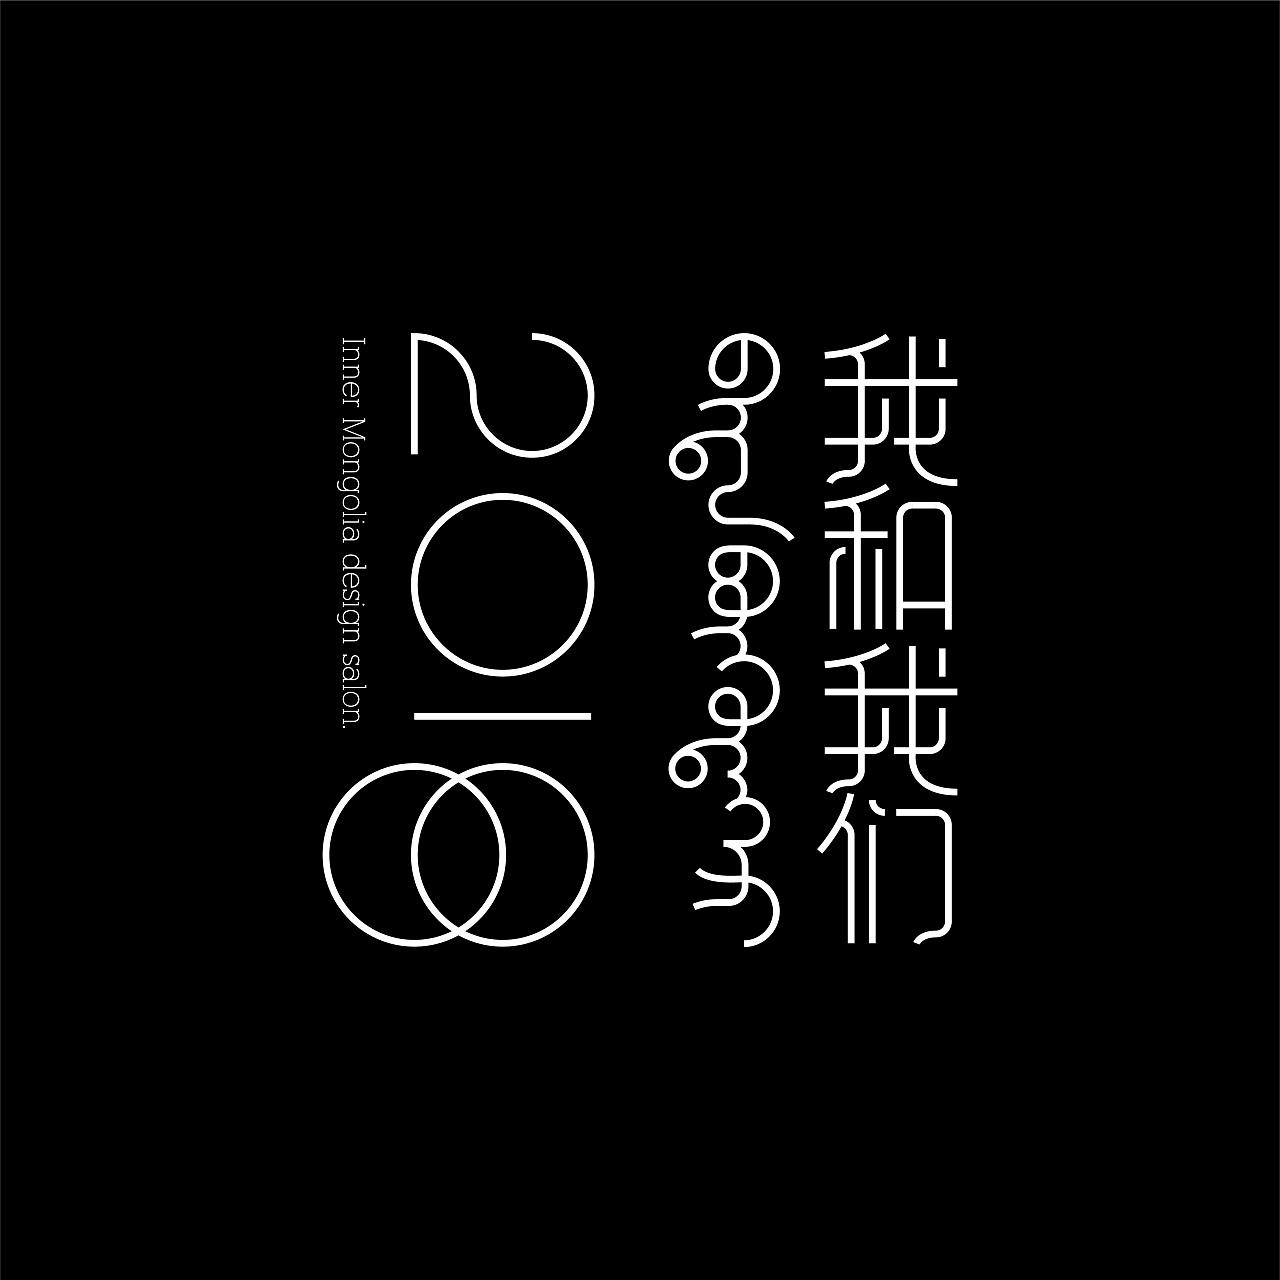 蒙古文字体设计—包立华 第15张